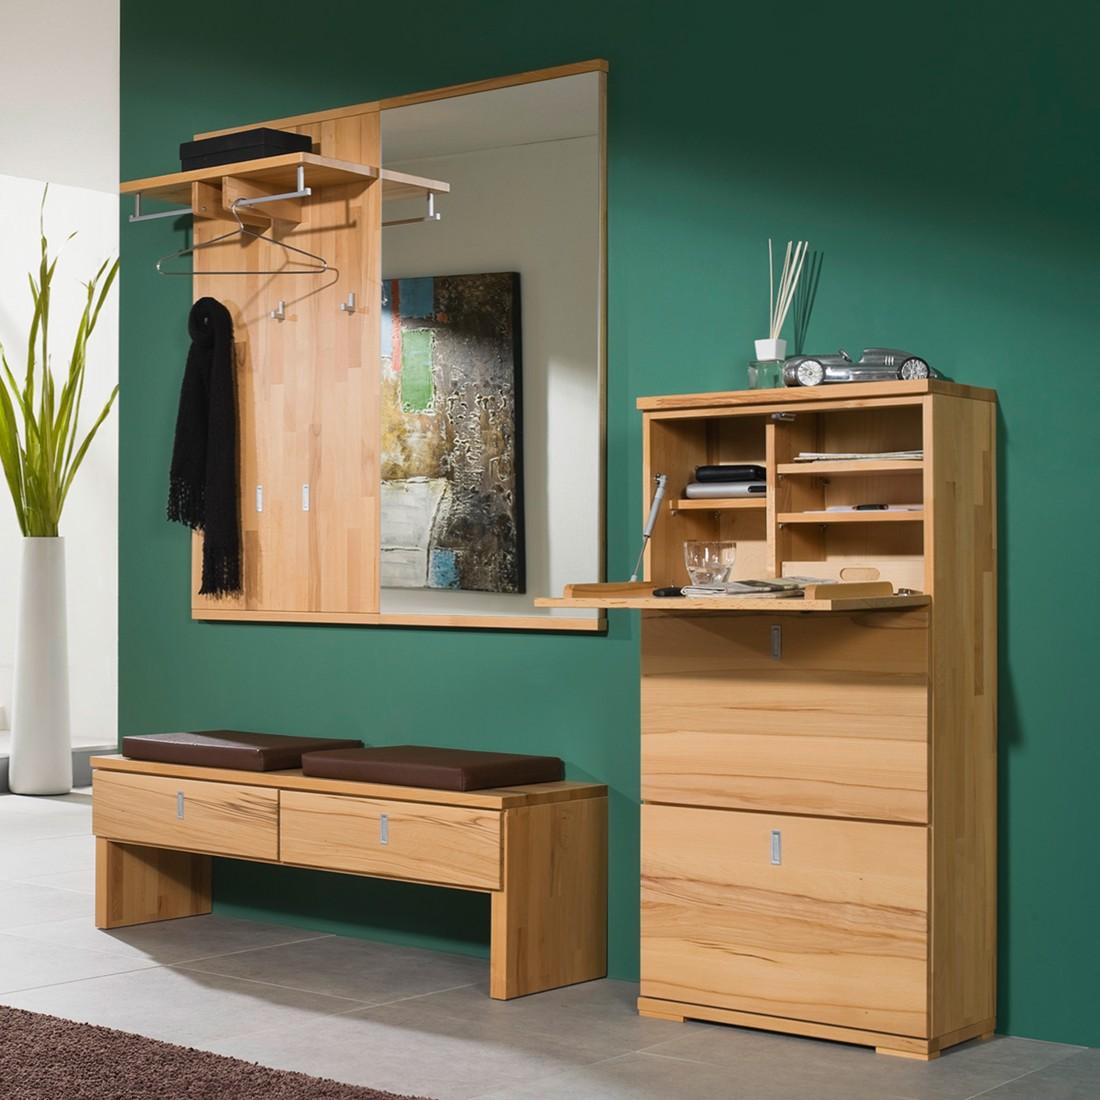 jung s hne archive. Black Bedroom Furniture Sets. Home Design Ideas